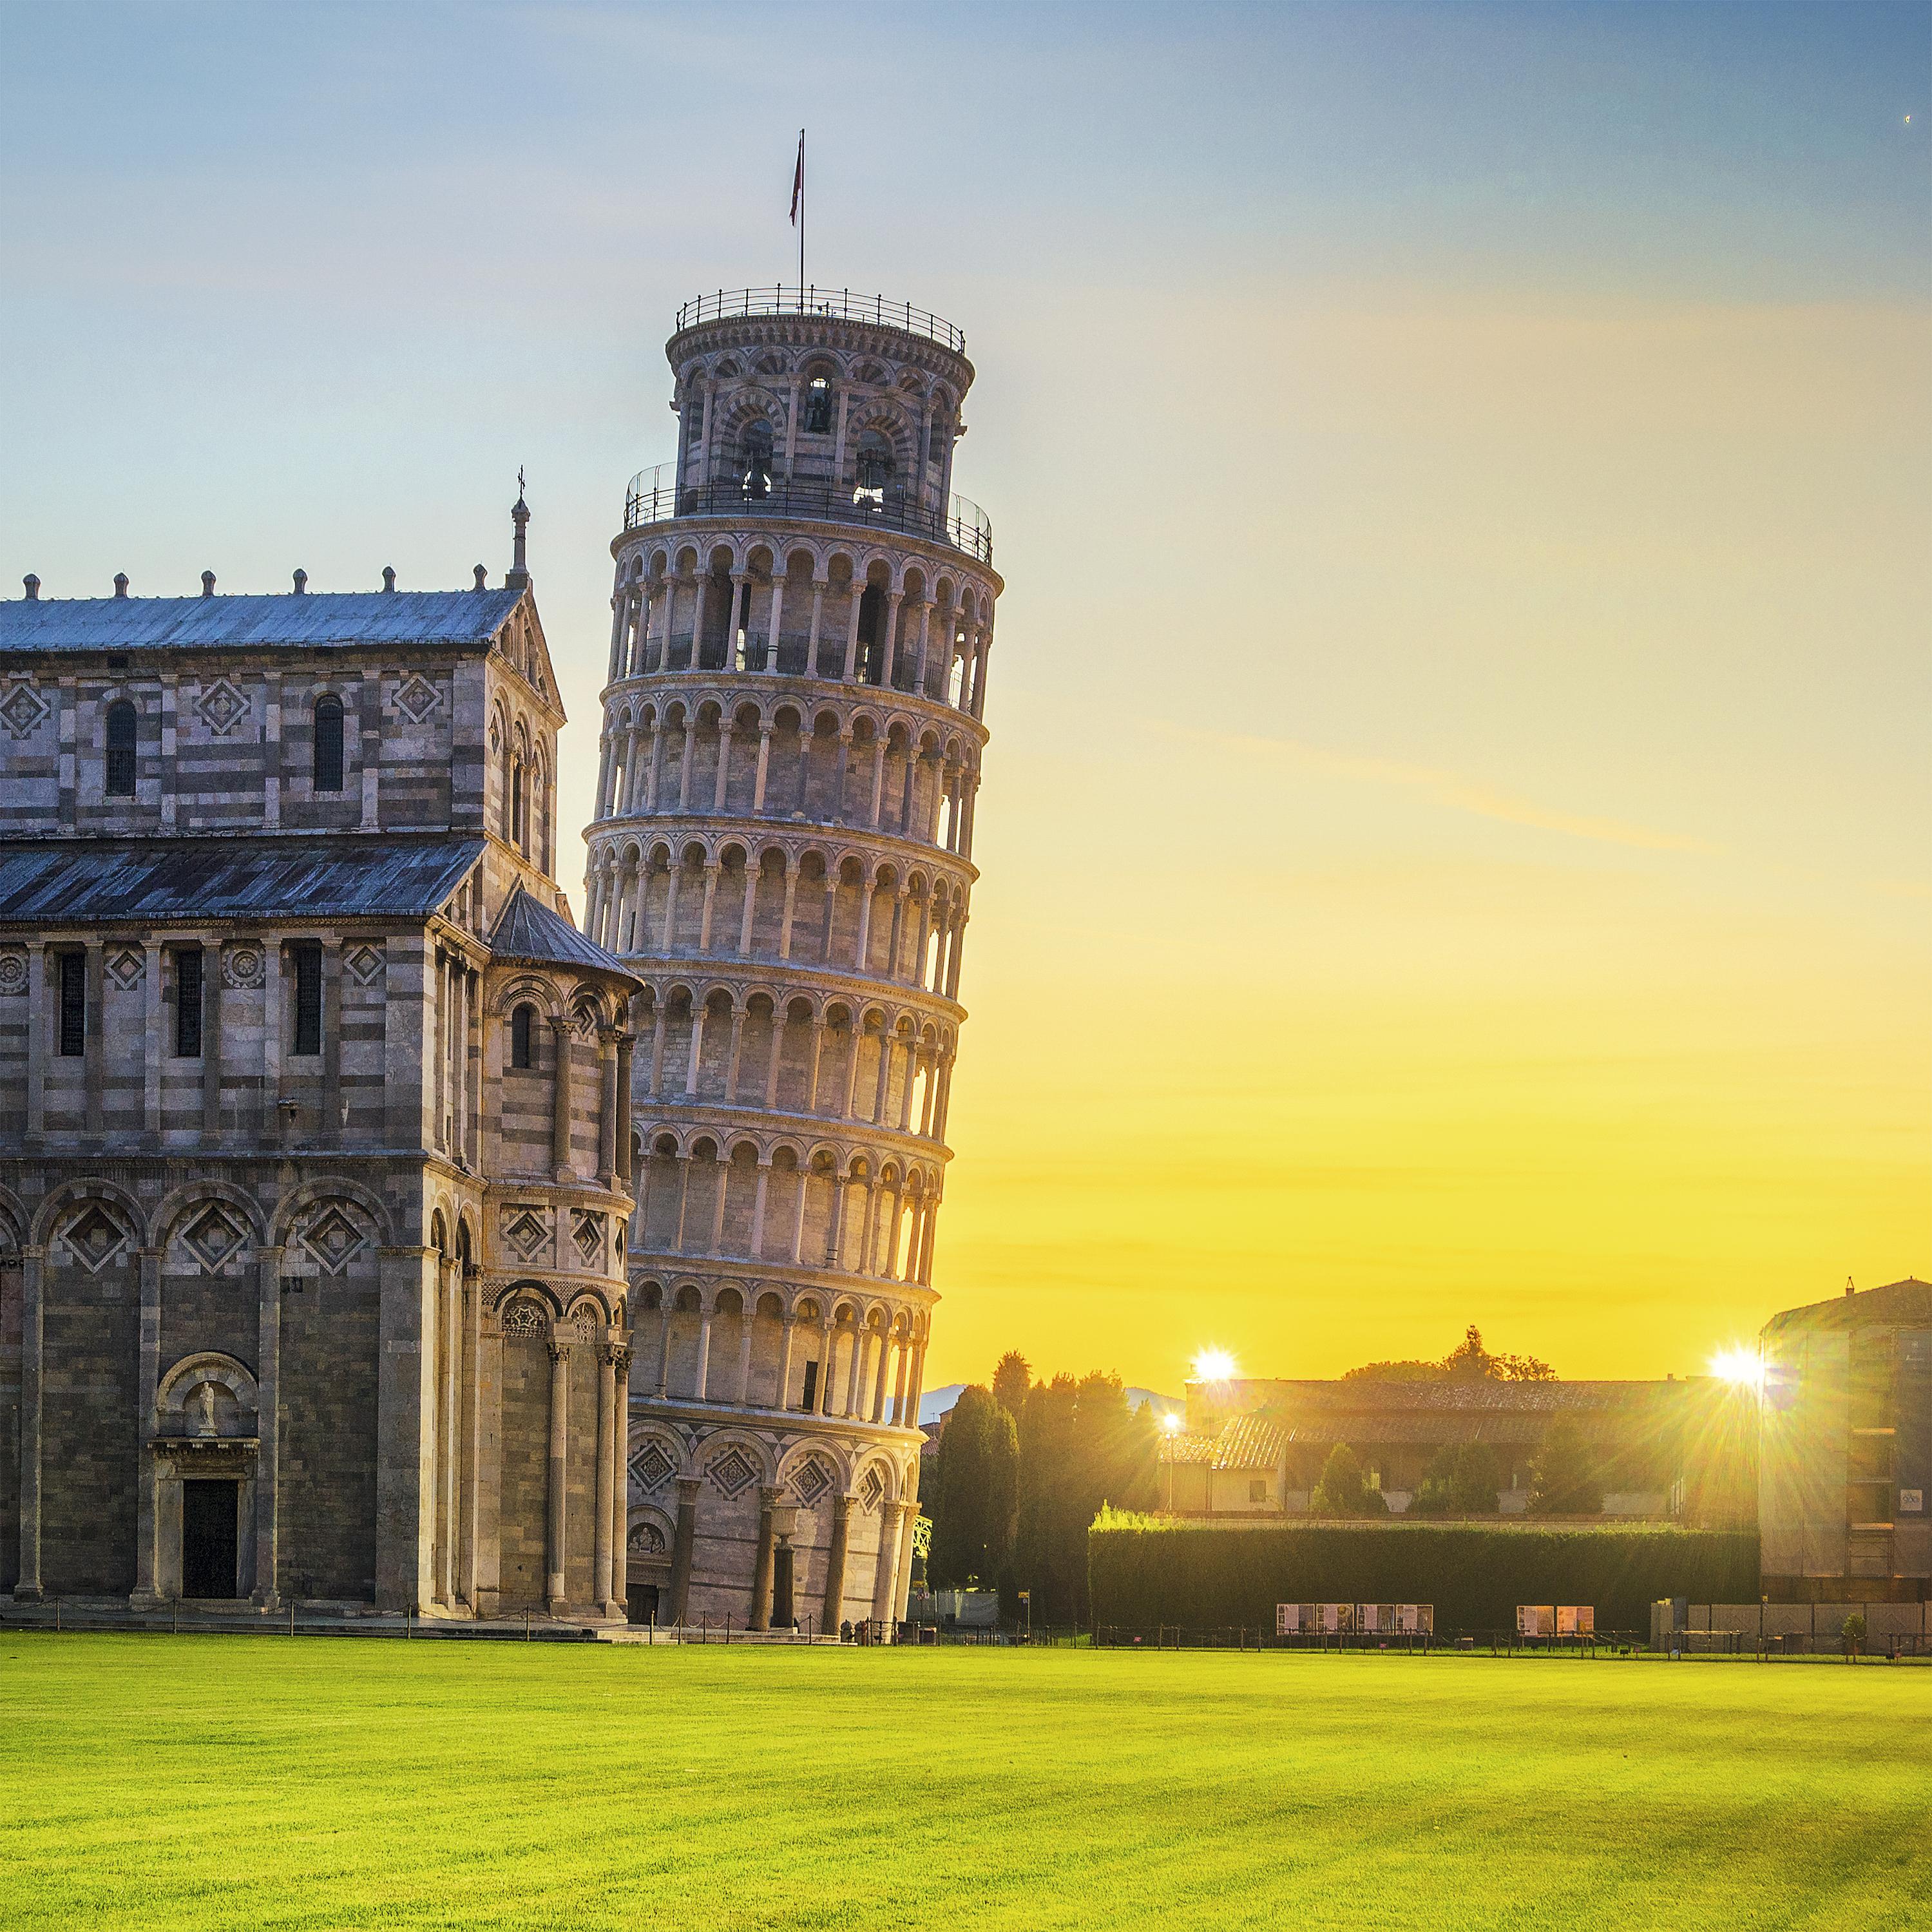 A célebre Torre de Pisa